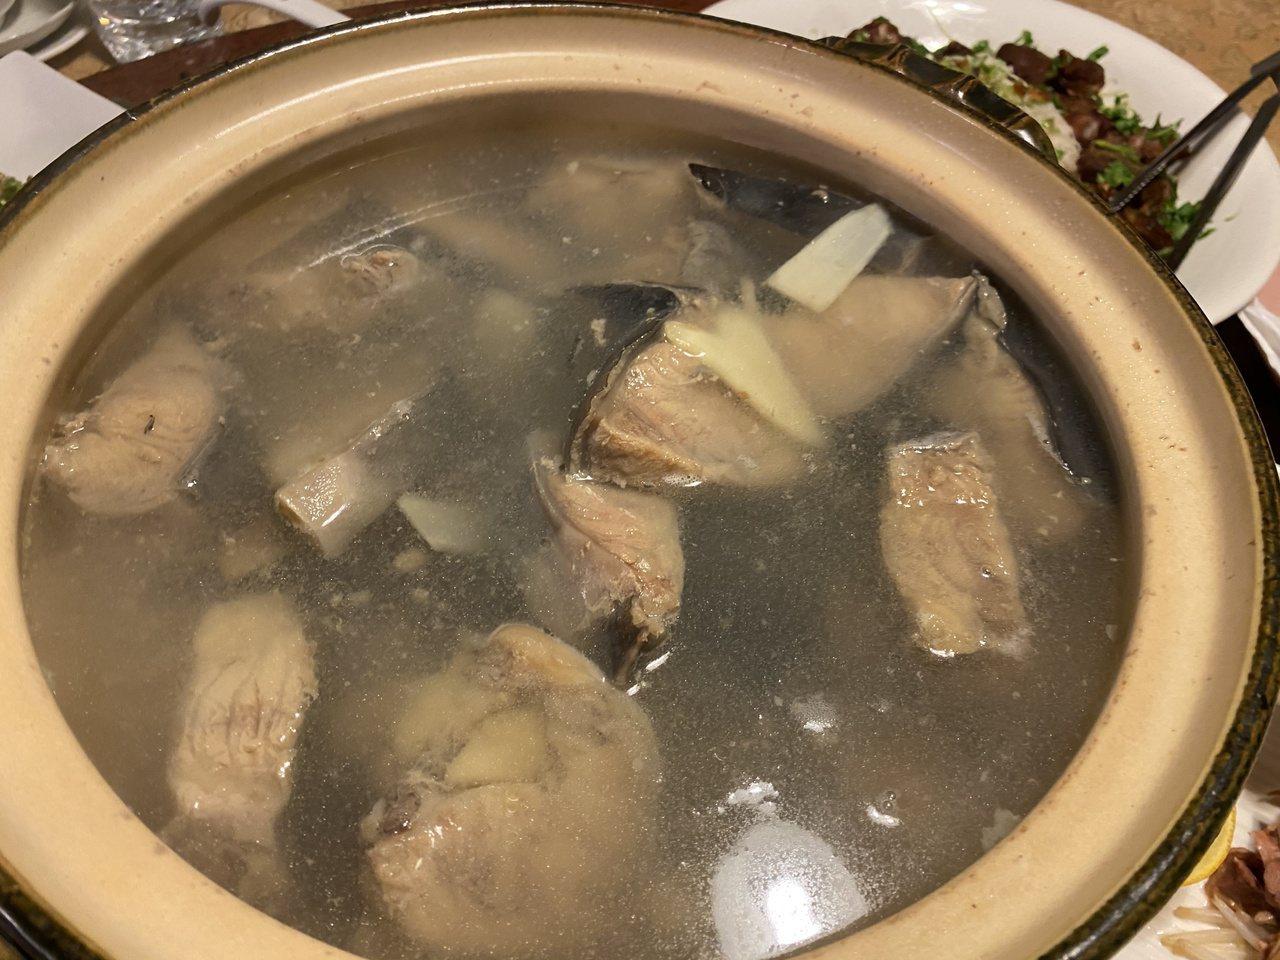 中興新村匯集各省美食,居民也匯集眷村菜,傳承傳統美味。 圖/江良誠 攝影